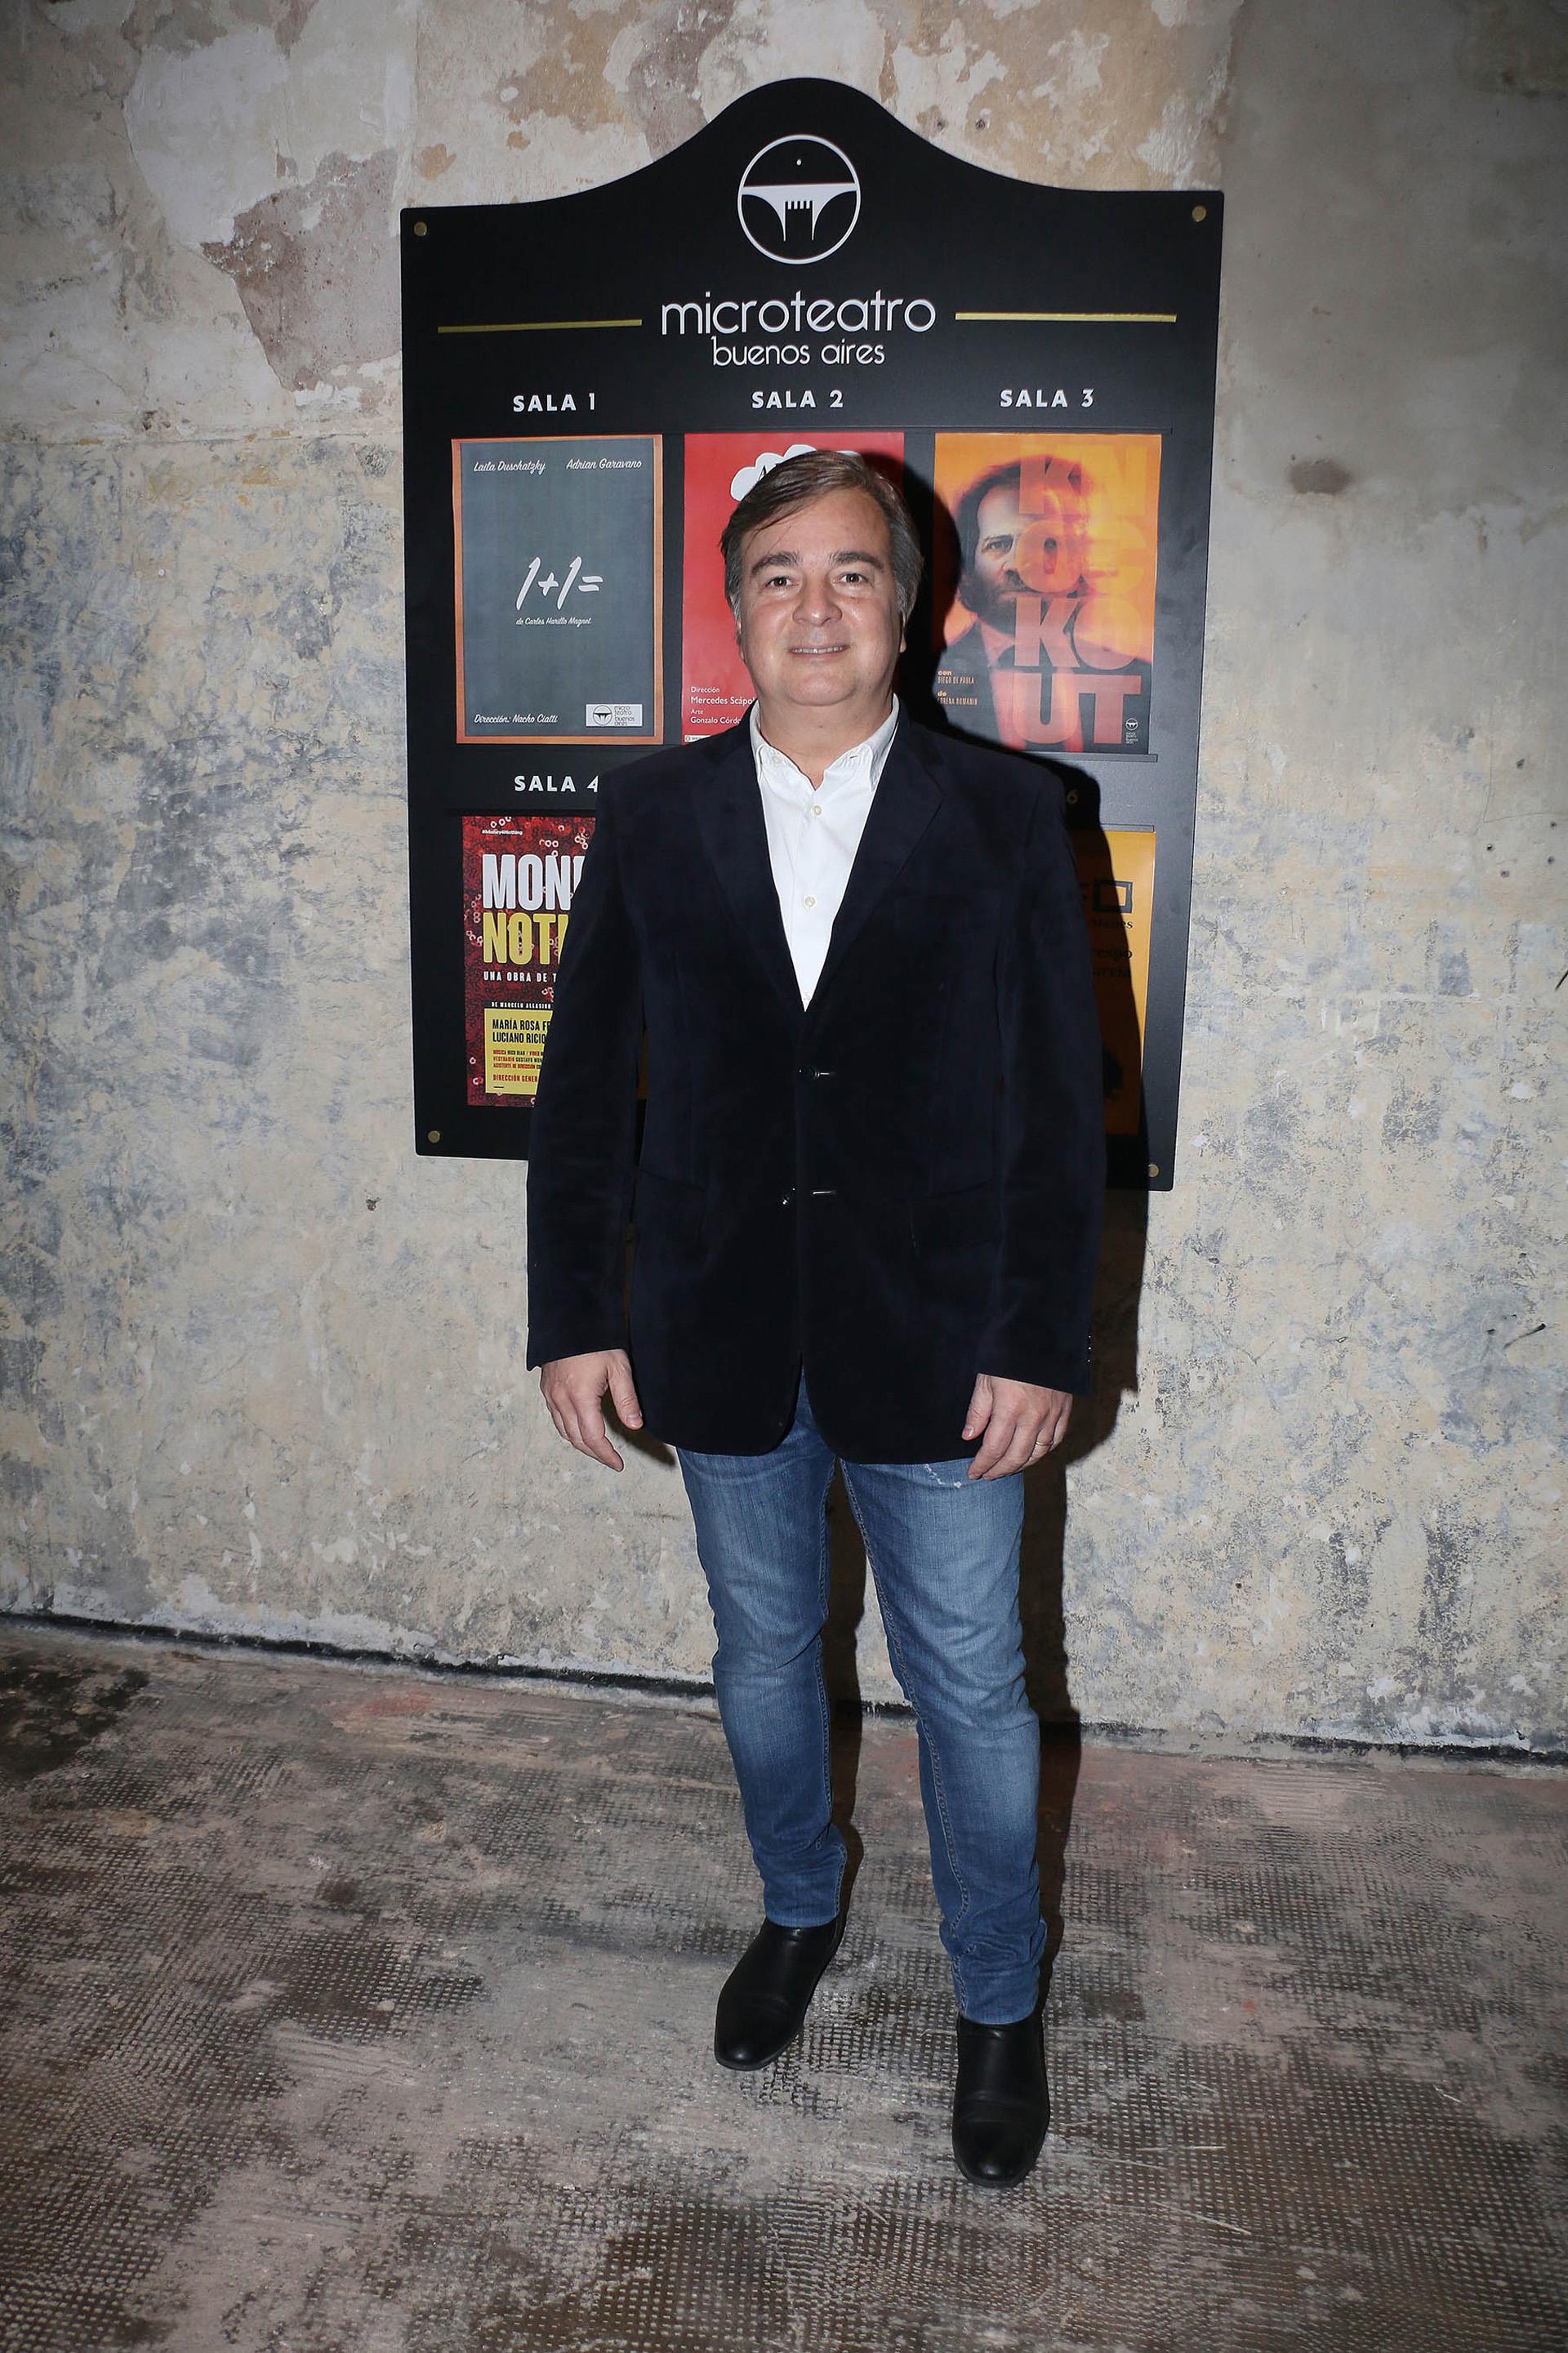 Roberto Antier